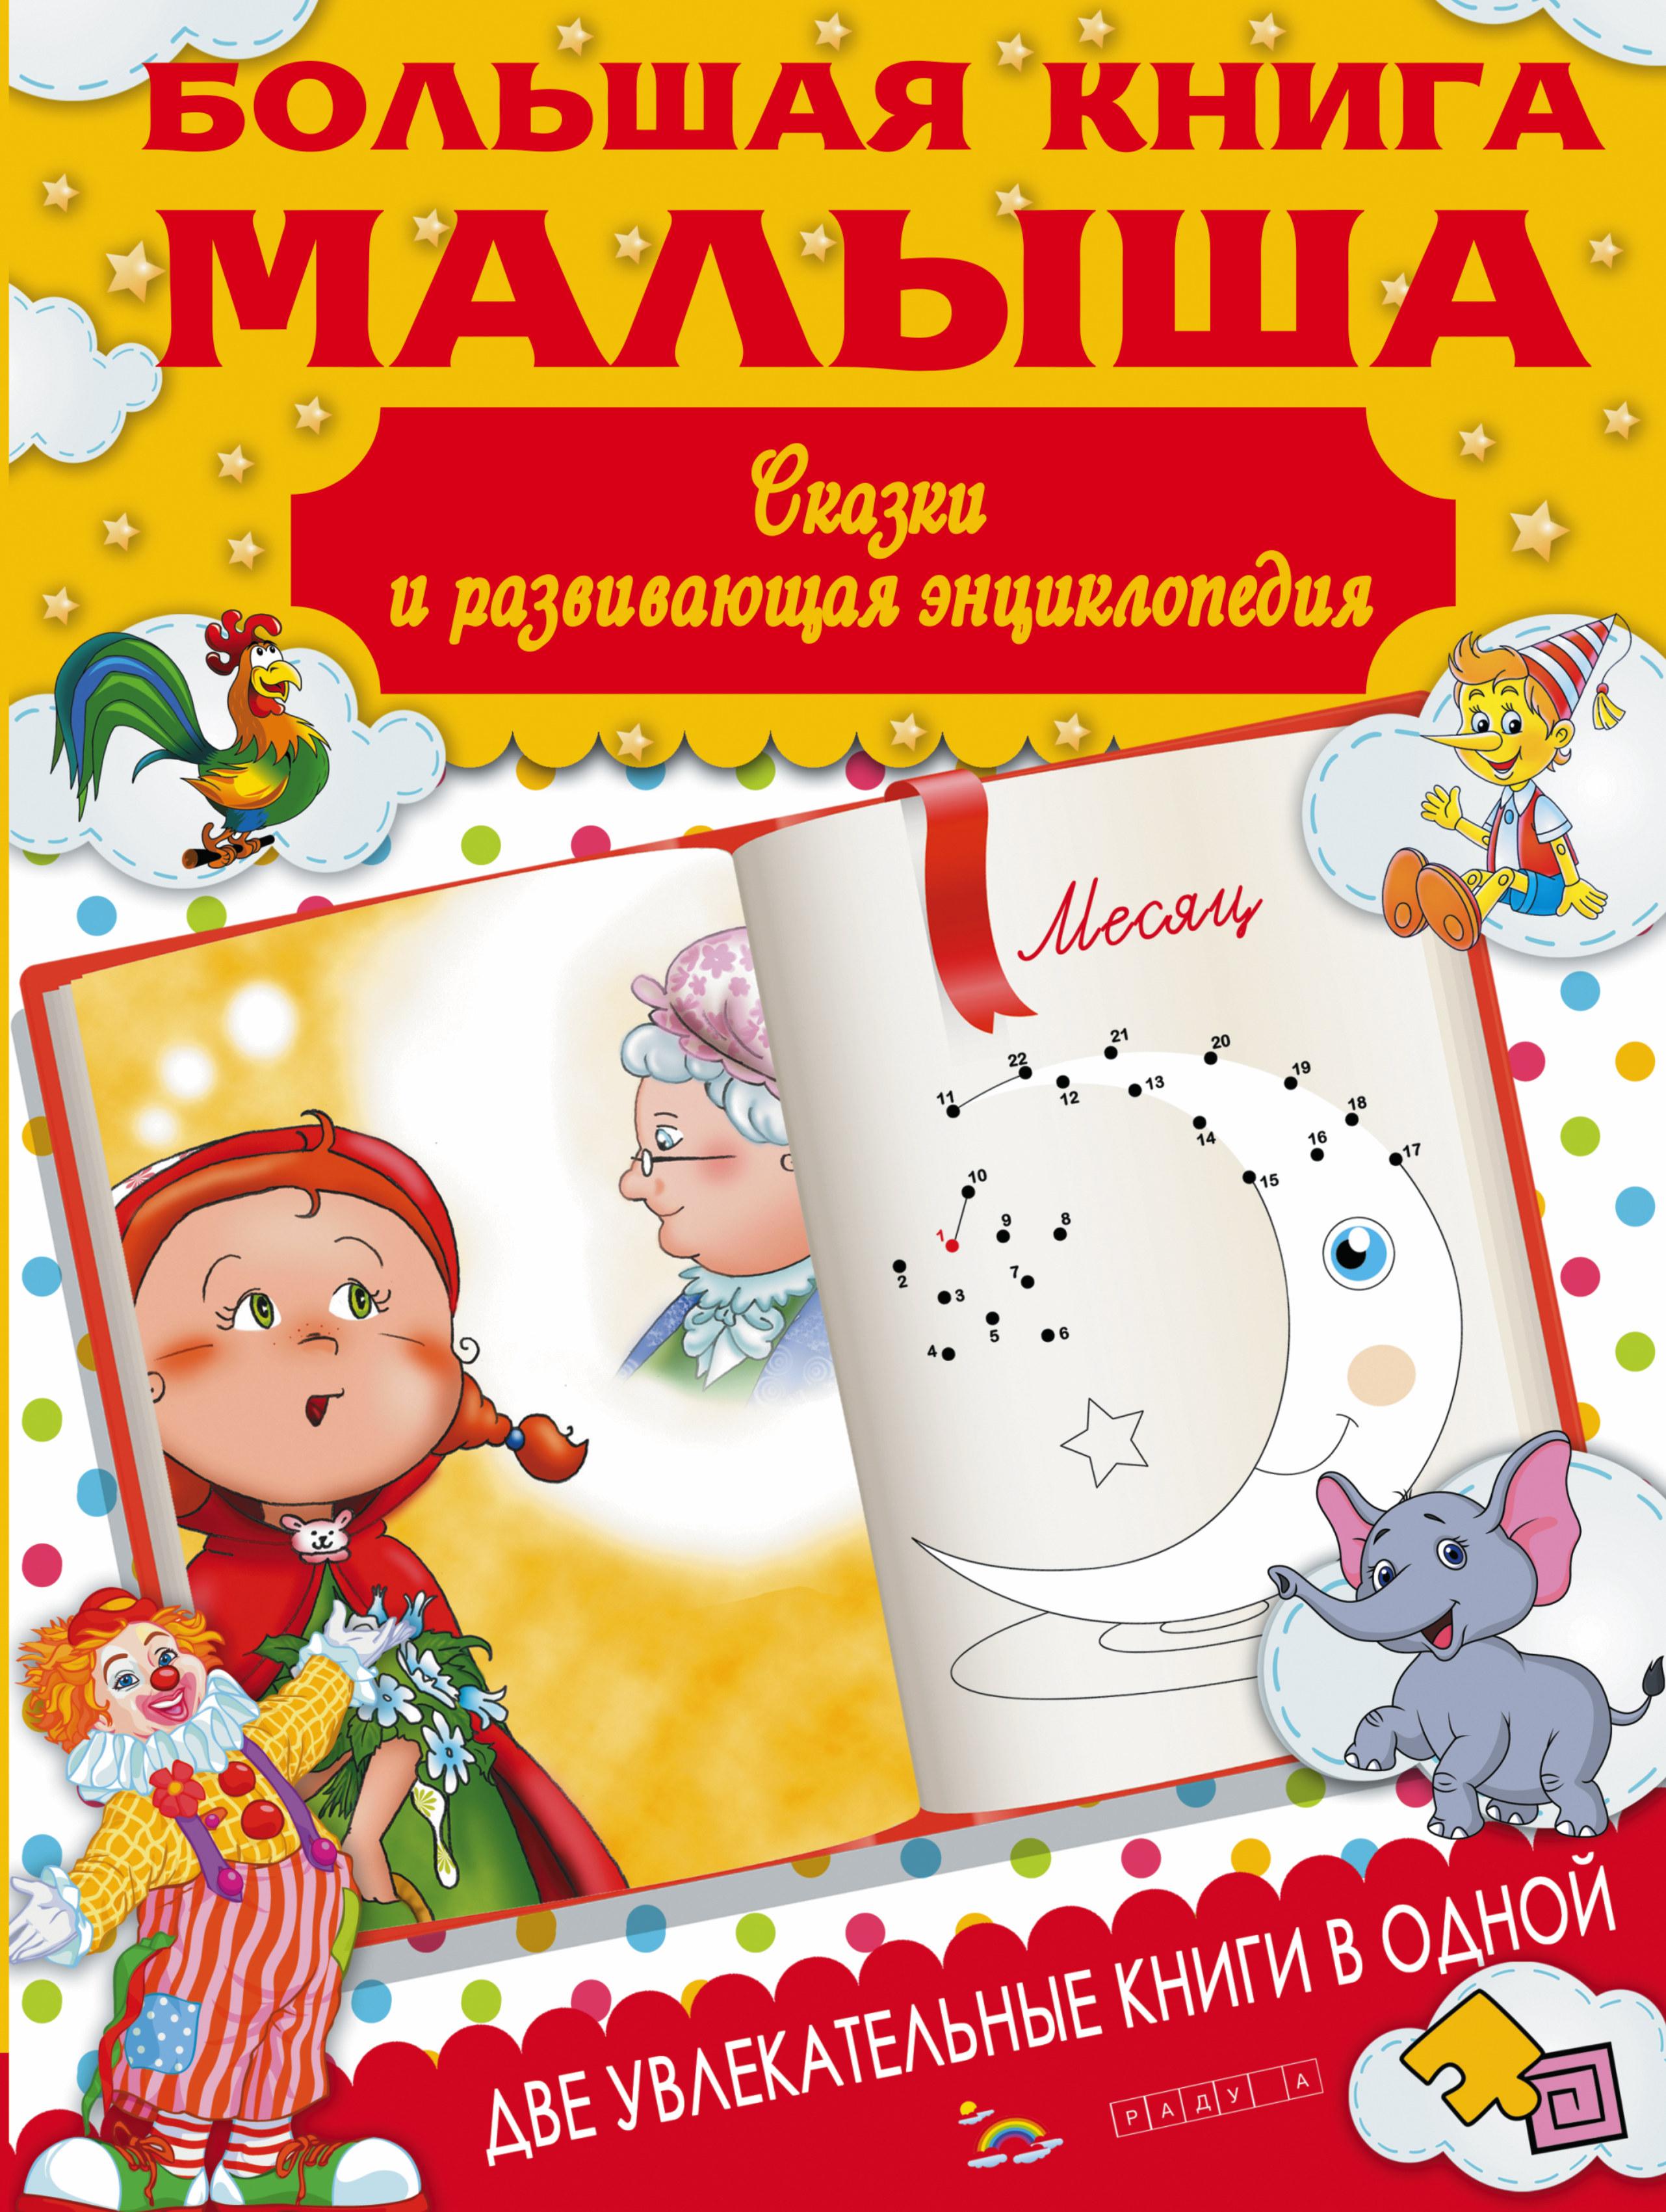 И. М. Попова Большая книга малыша. Сказки и развивающая энциклопедия